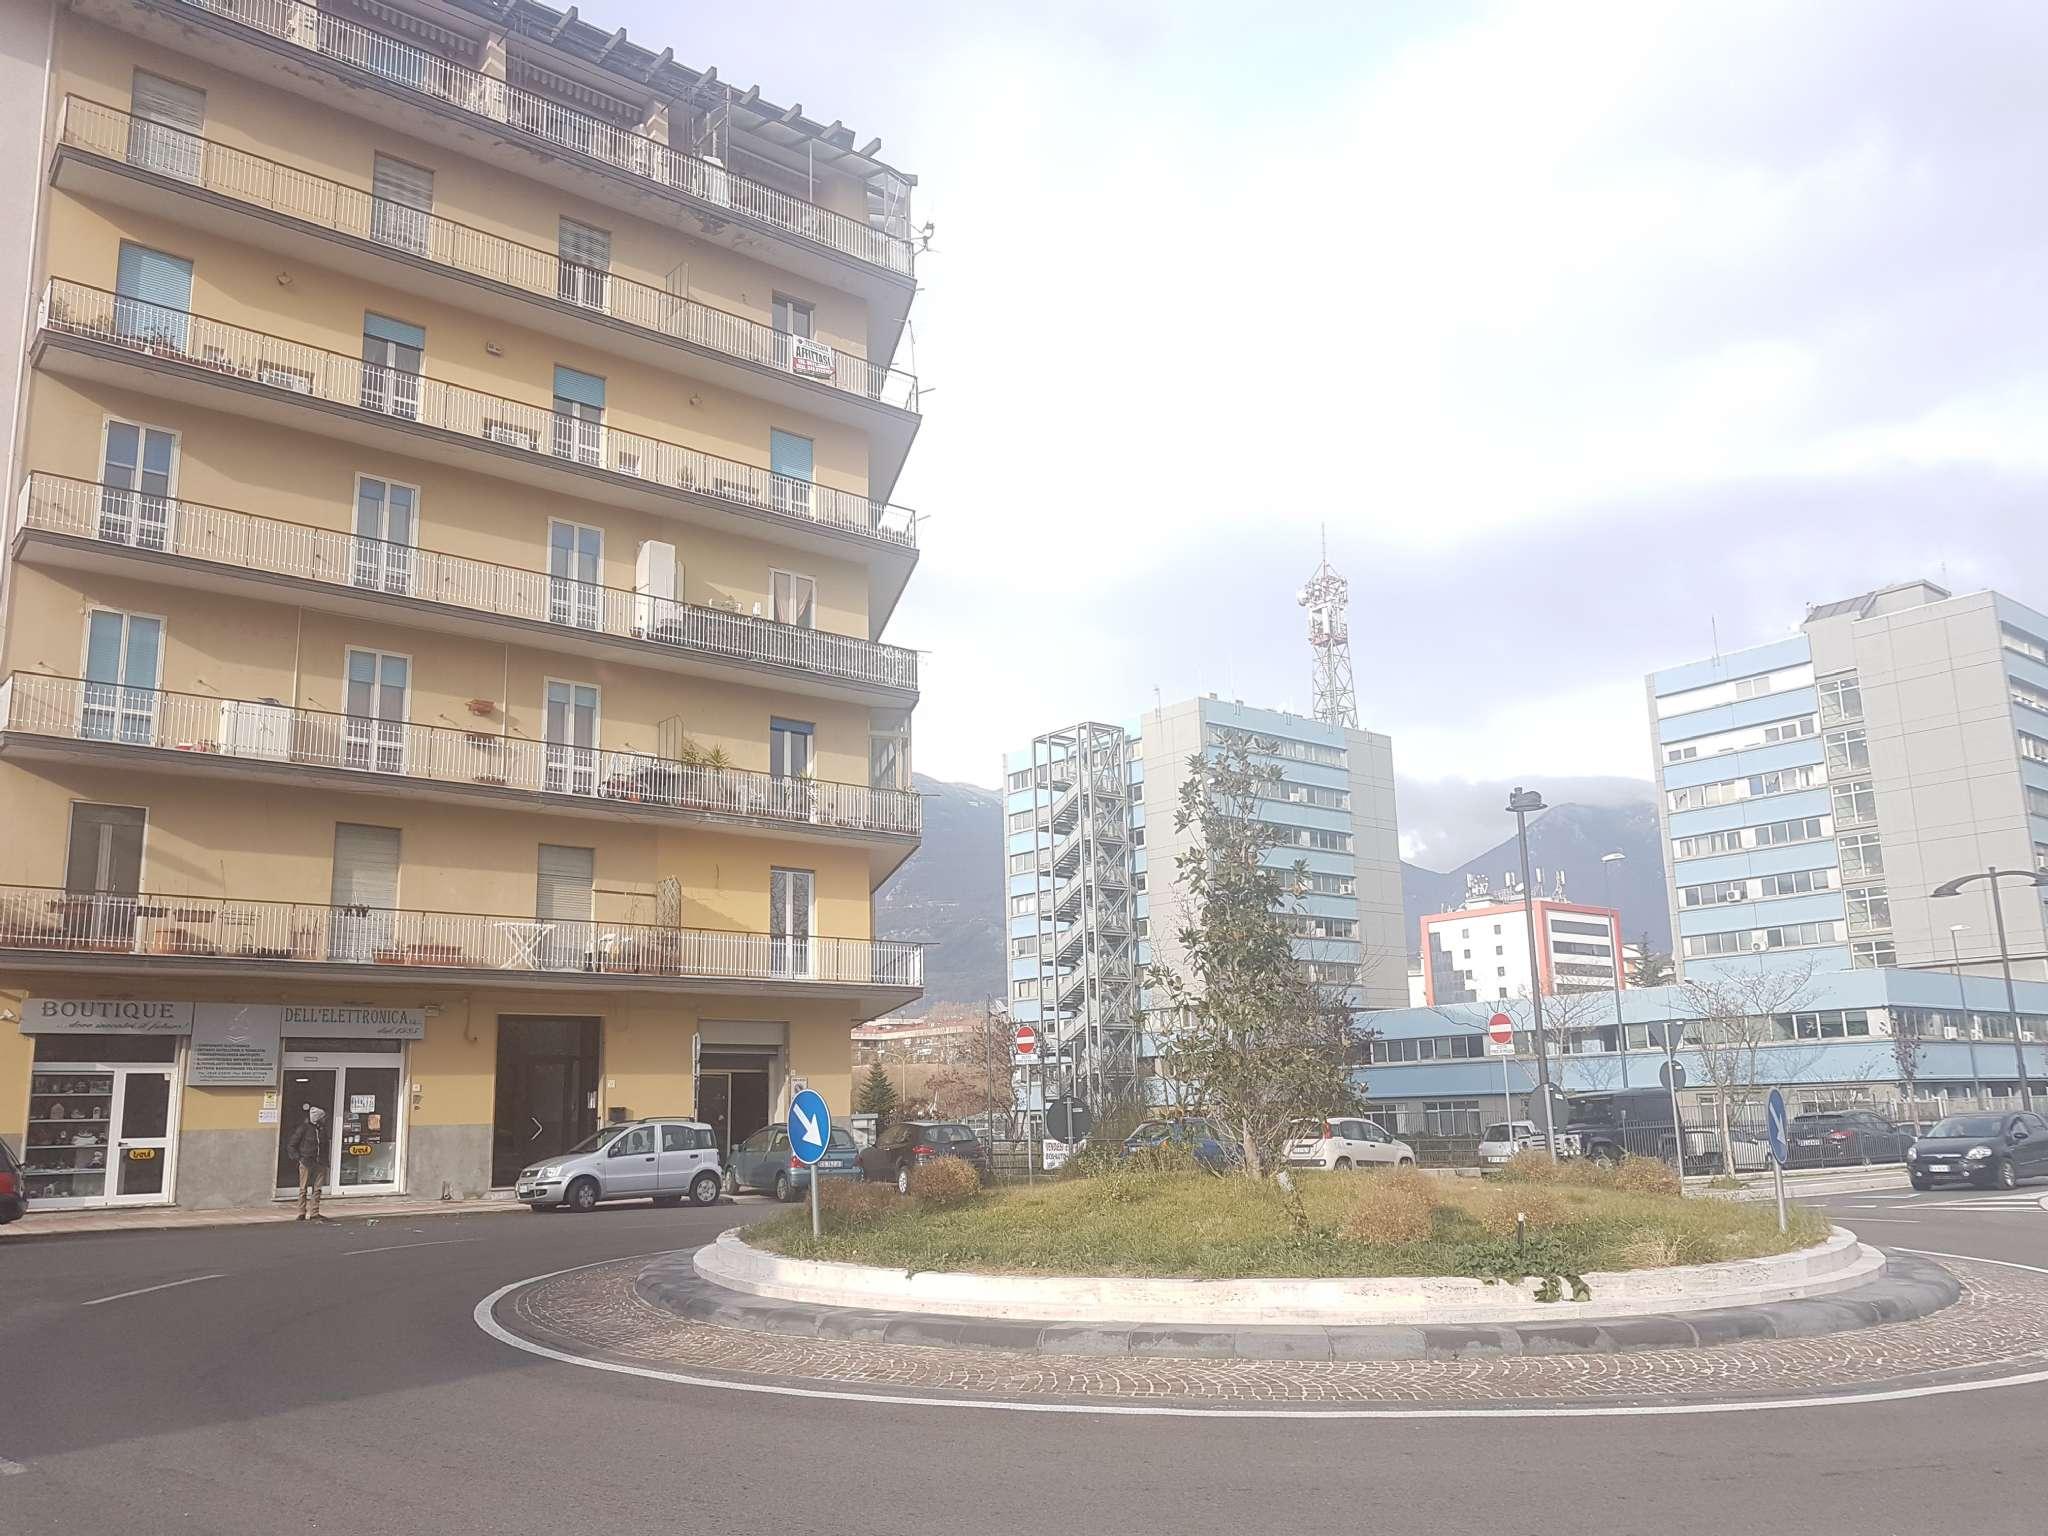 Locale commerciale con vetrina fronte strada in zona centrale